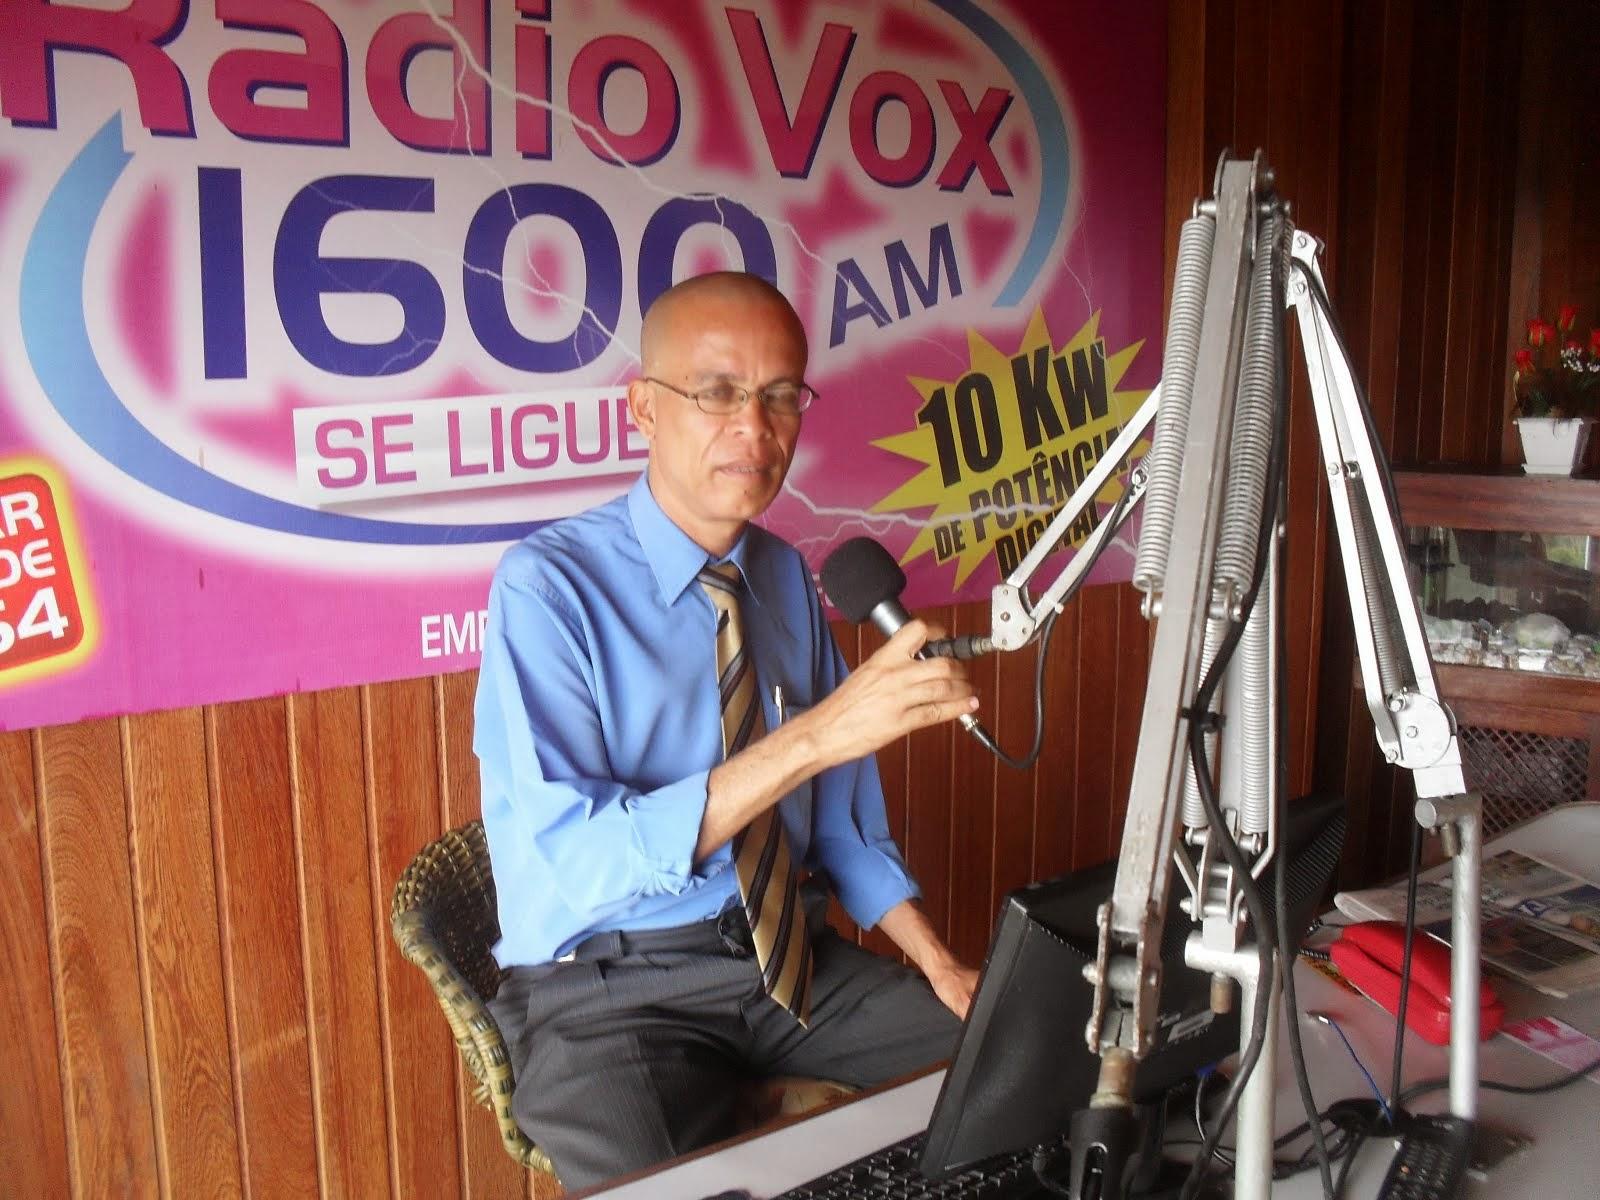 Ouça o Prof. Moisés Barbosa na Rádio Vox AM 1600 nos plays abaixo: